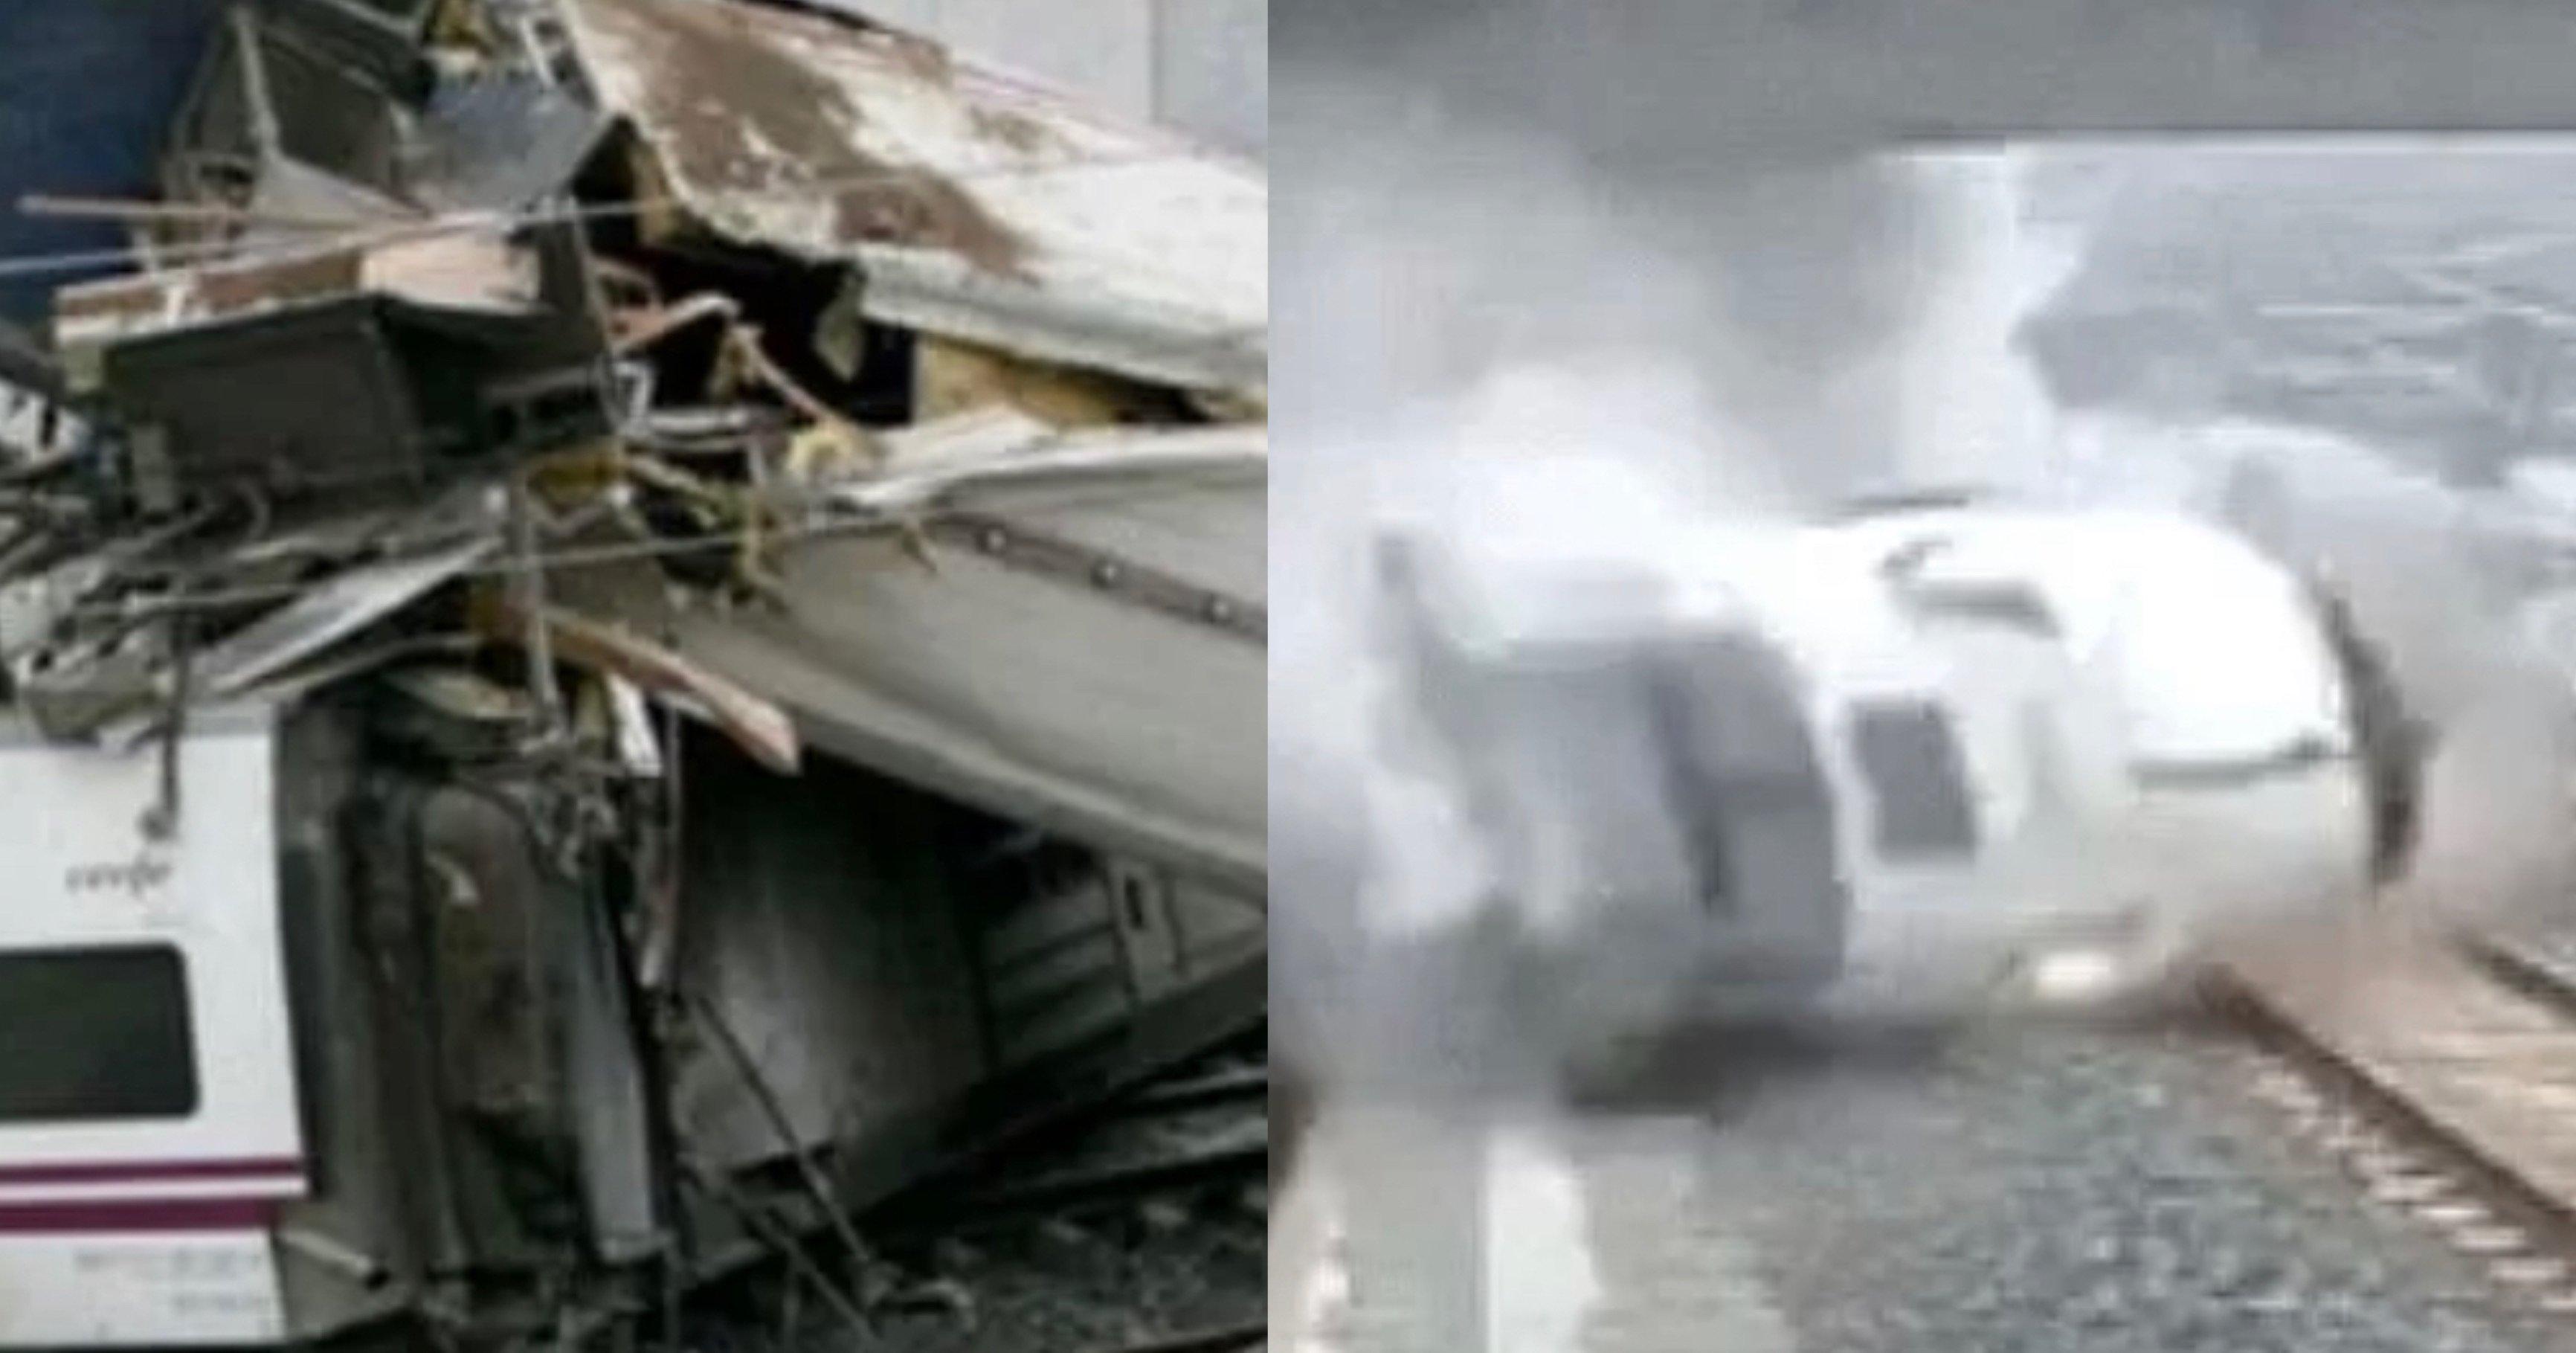 """06bc8cf5 fa49 47c0 b65c edbb2e4ba2d9.jpeg?resize=412,232 - """"사망80명, 부상 140명""""의 대규모 최악의 열차 탈선 사고의 '충격적인' CCTV 영상"""